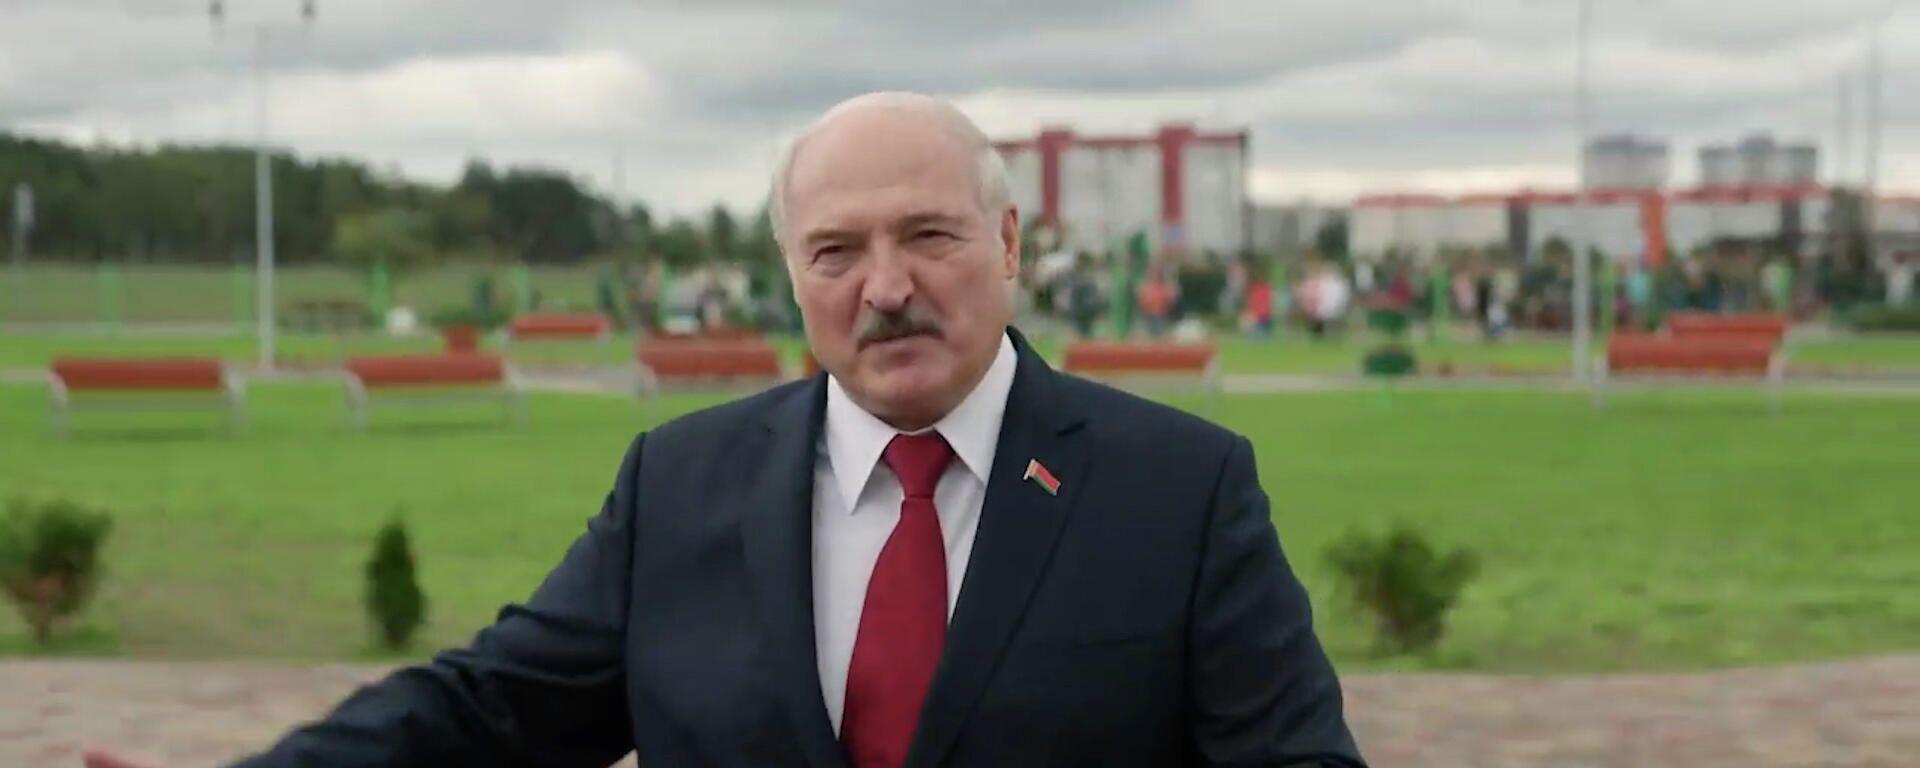 Лукашенко рассказал, что ему подарили на день рождения – видео - Sputnik Беларусь, 1920, 01.09.2021